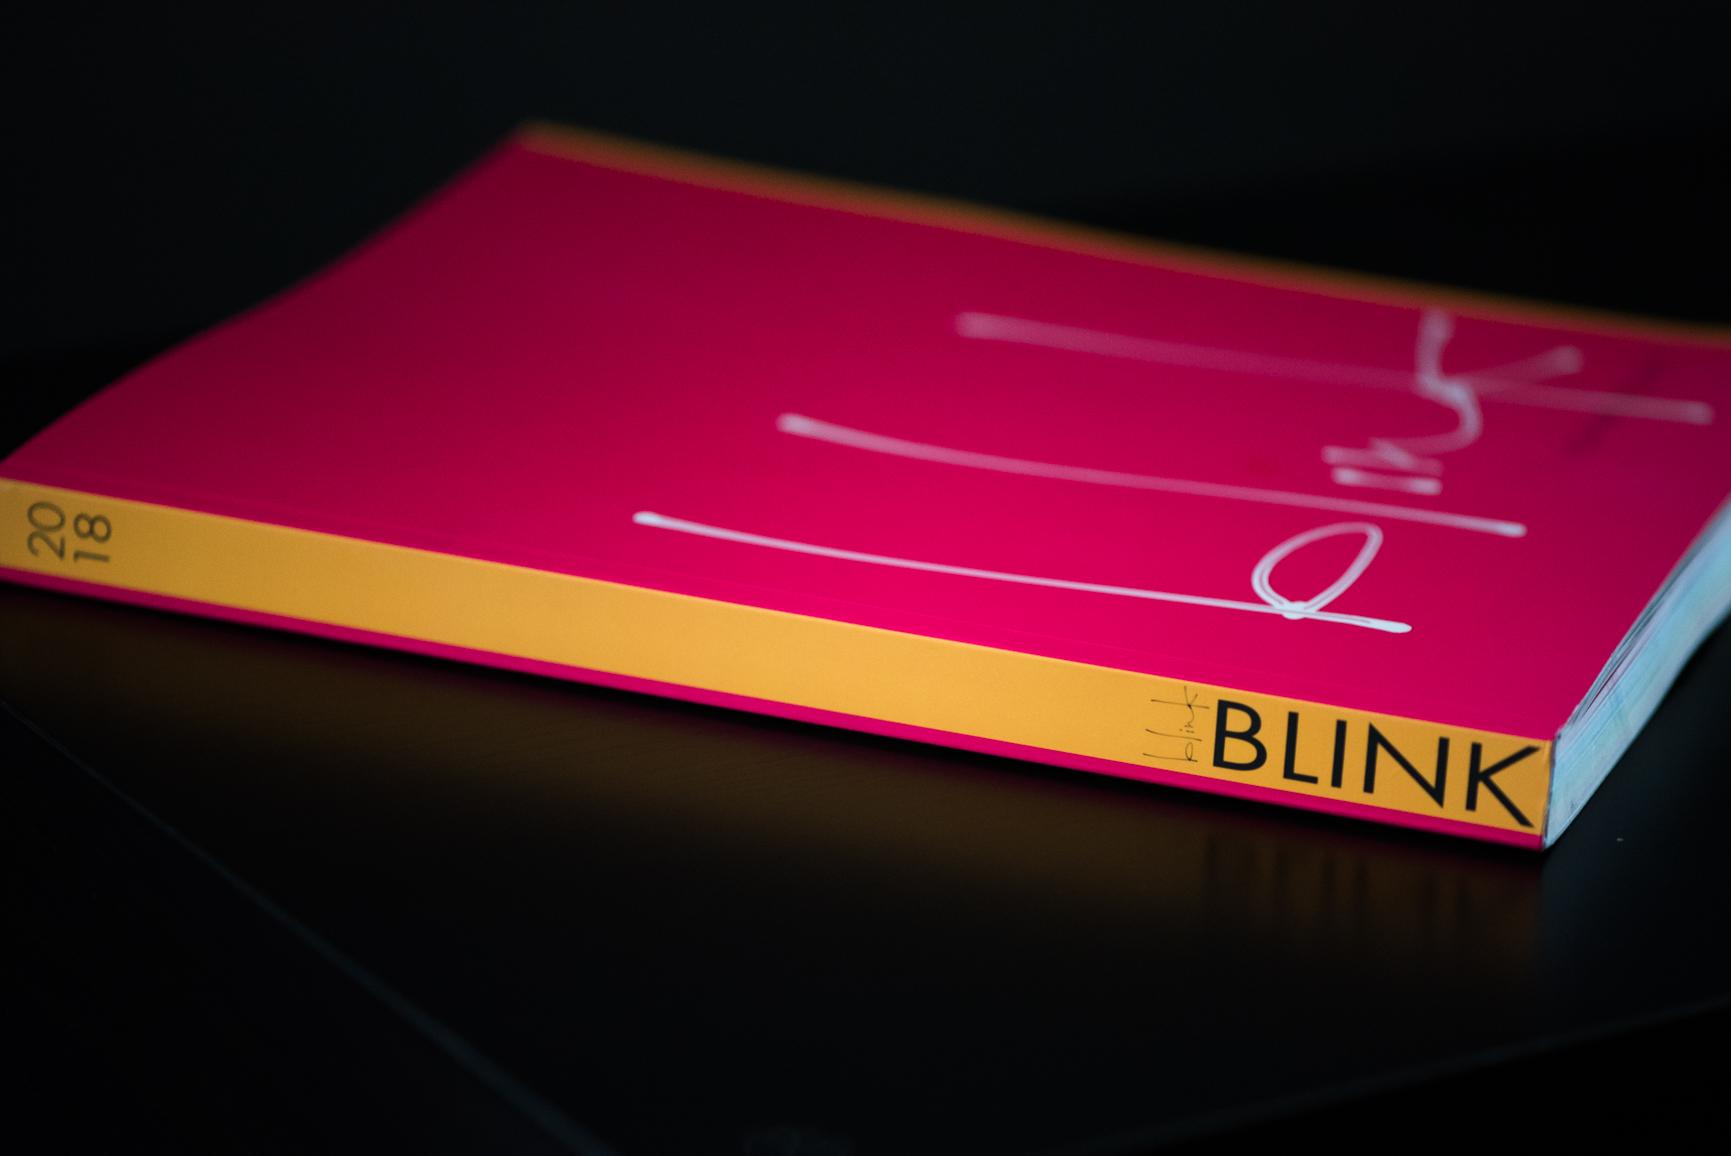 eyeobee art - Blink art resource - Ibrahim Badru-3.jpg